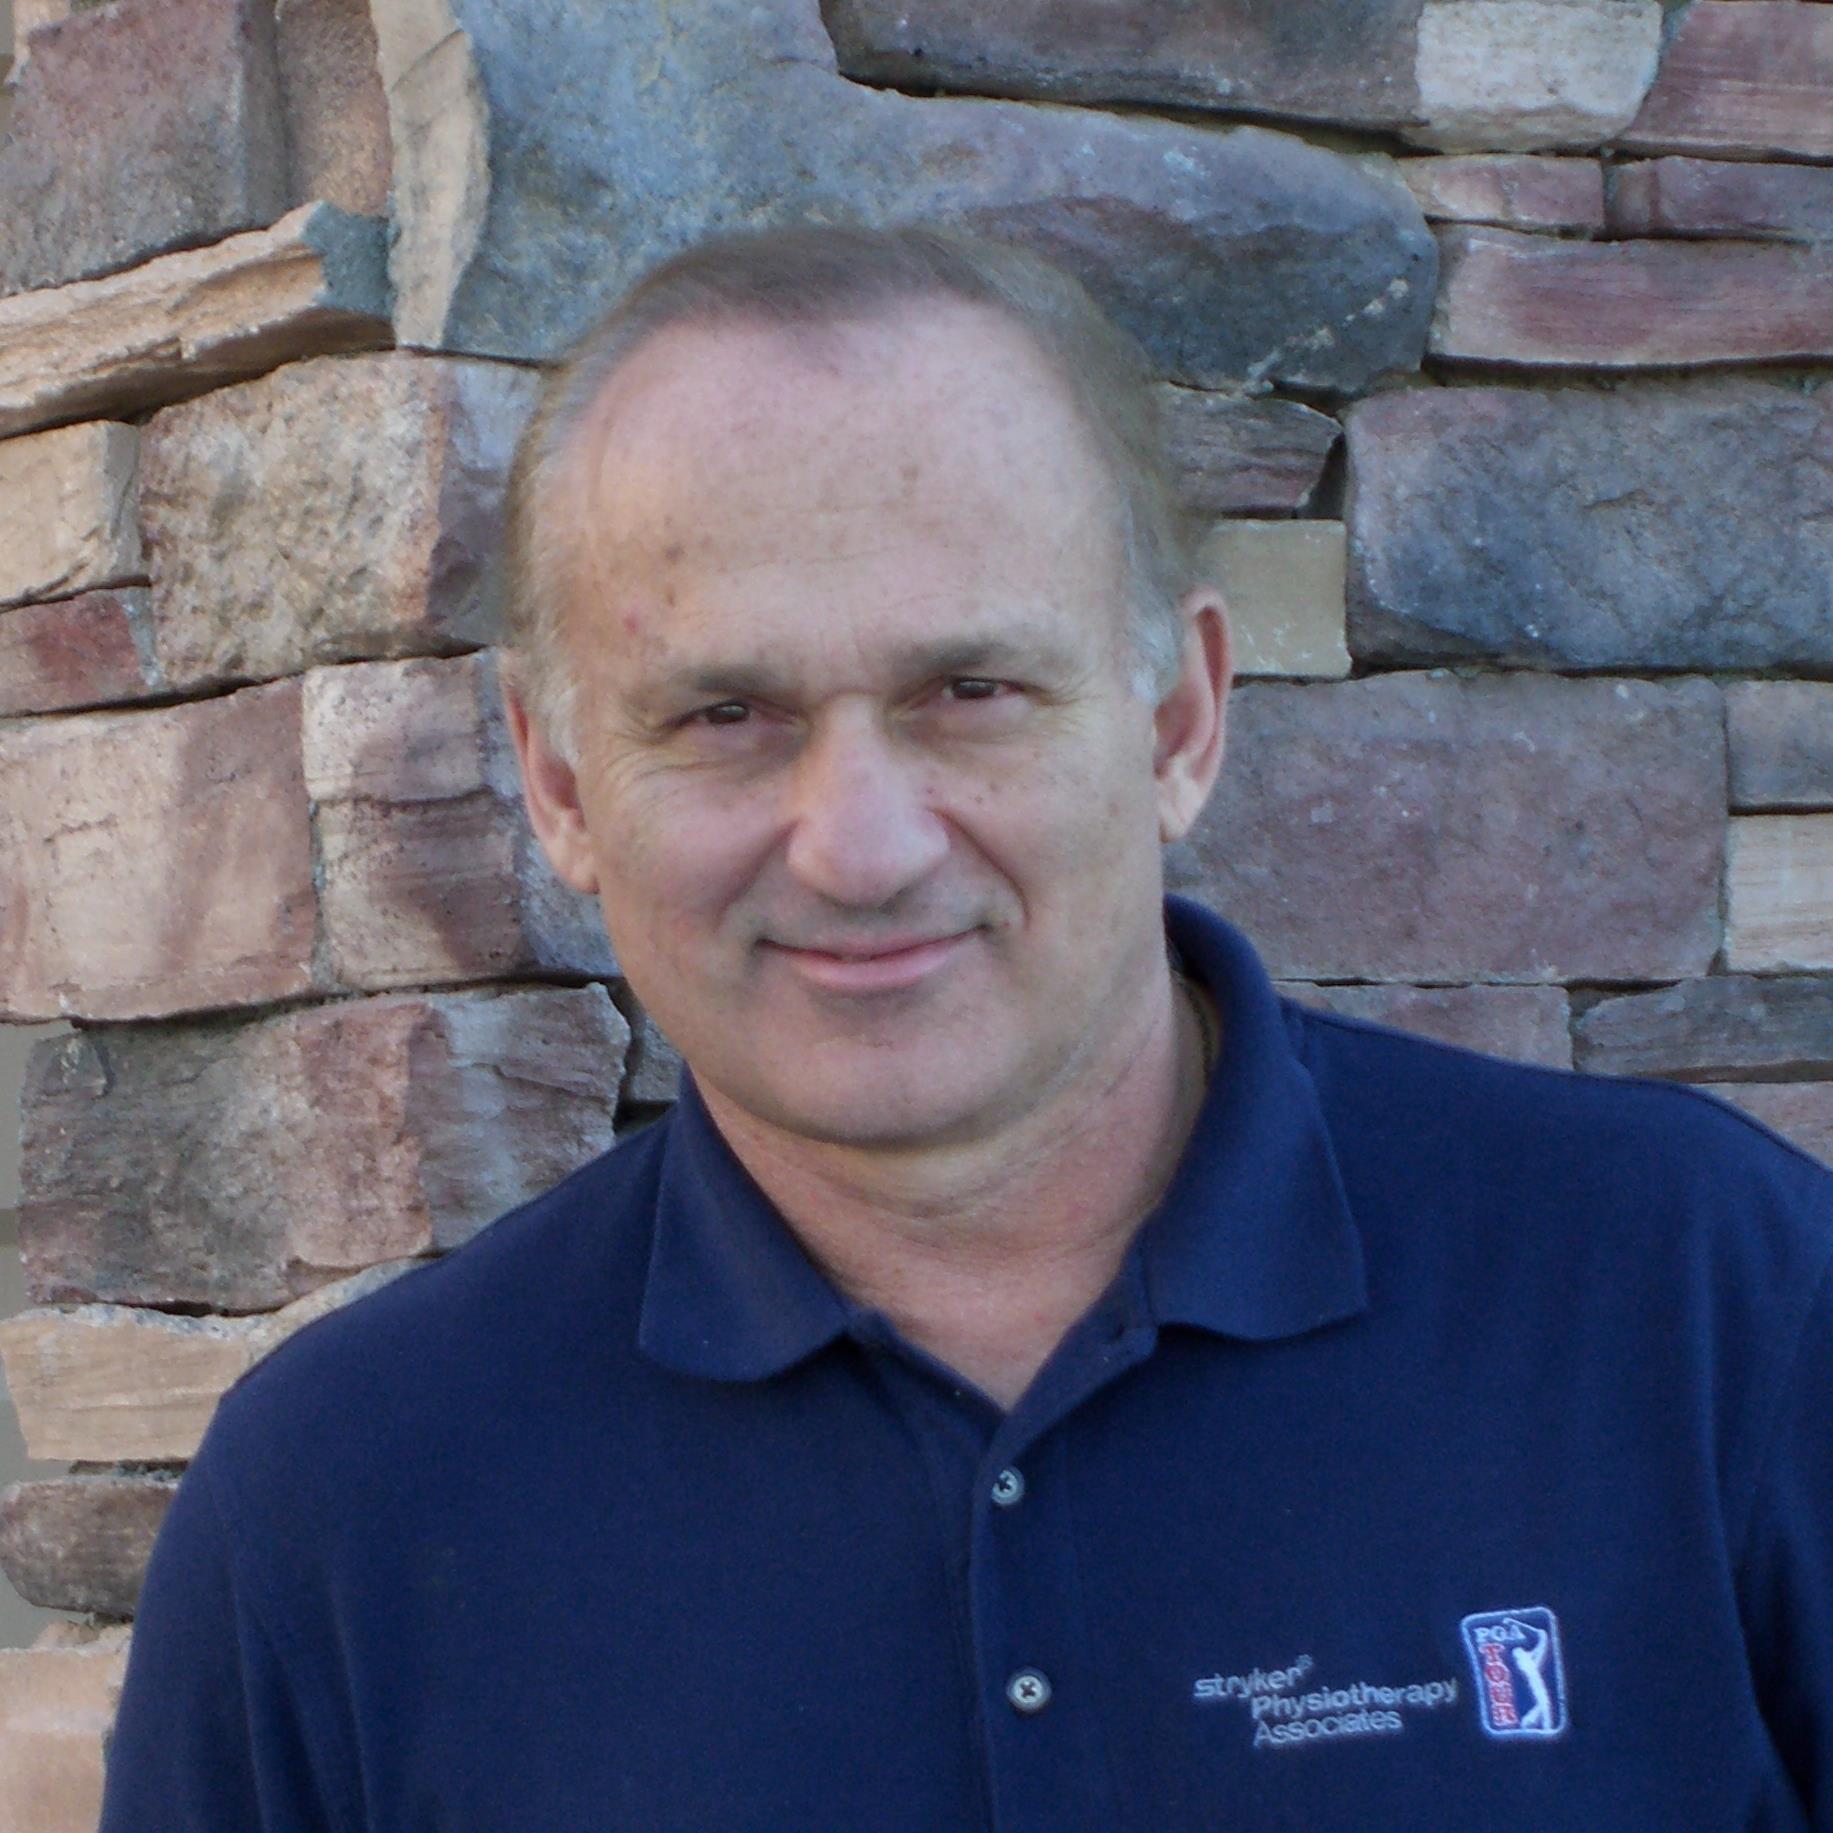 Robert Donatelli